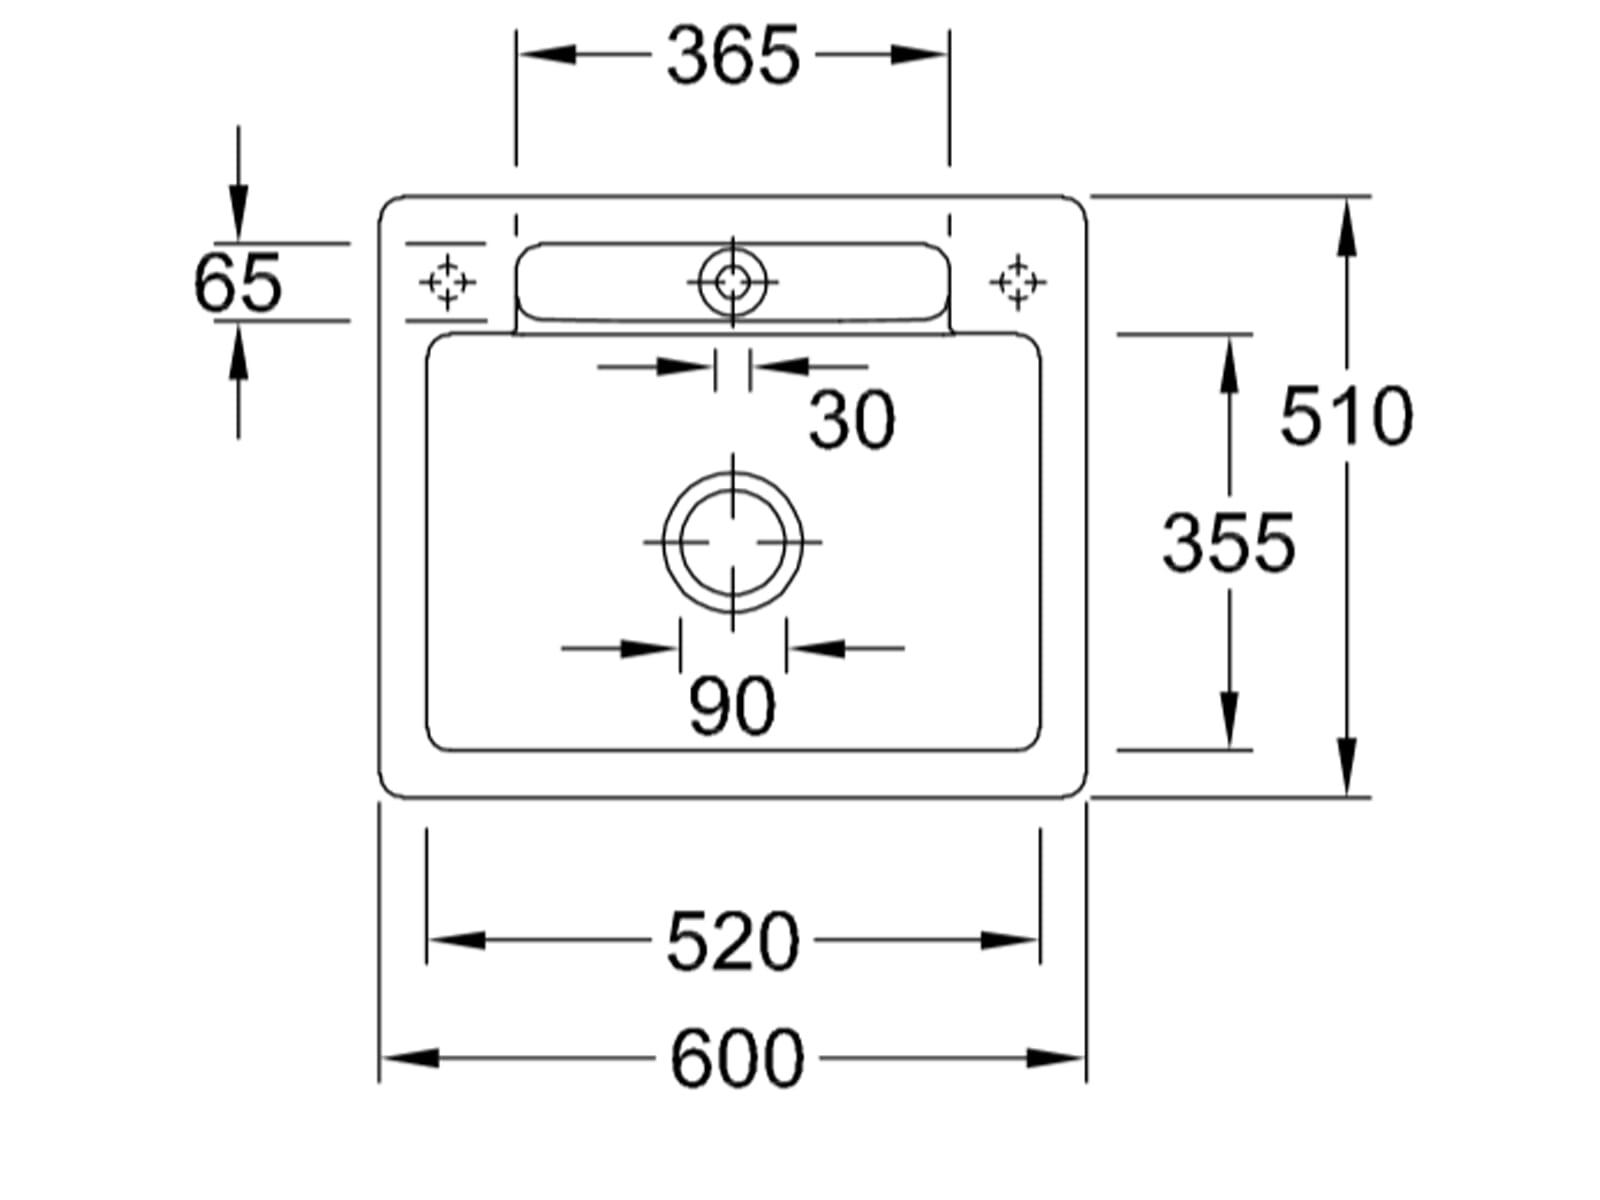 Villeroy & Boch Siluet 60 S Timber – 3346 01 TR Keramikspüle Handbetätigung